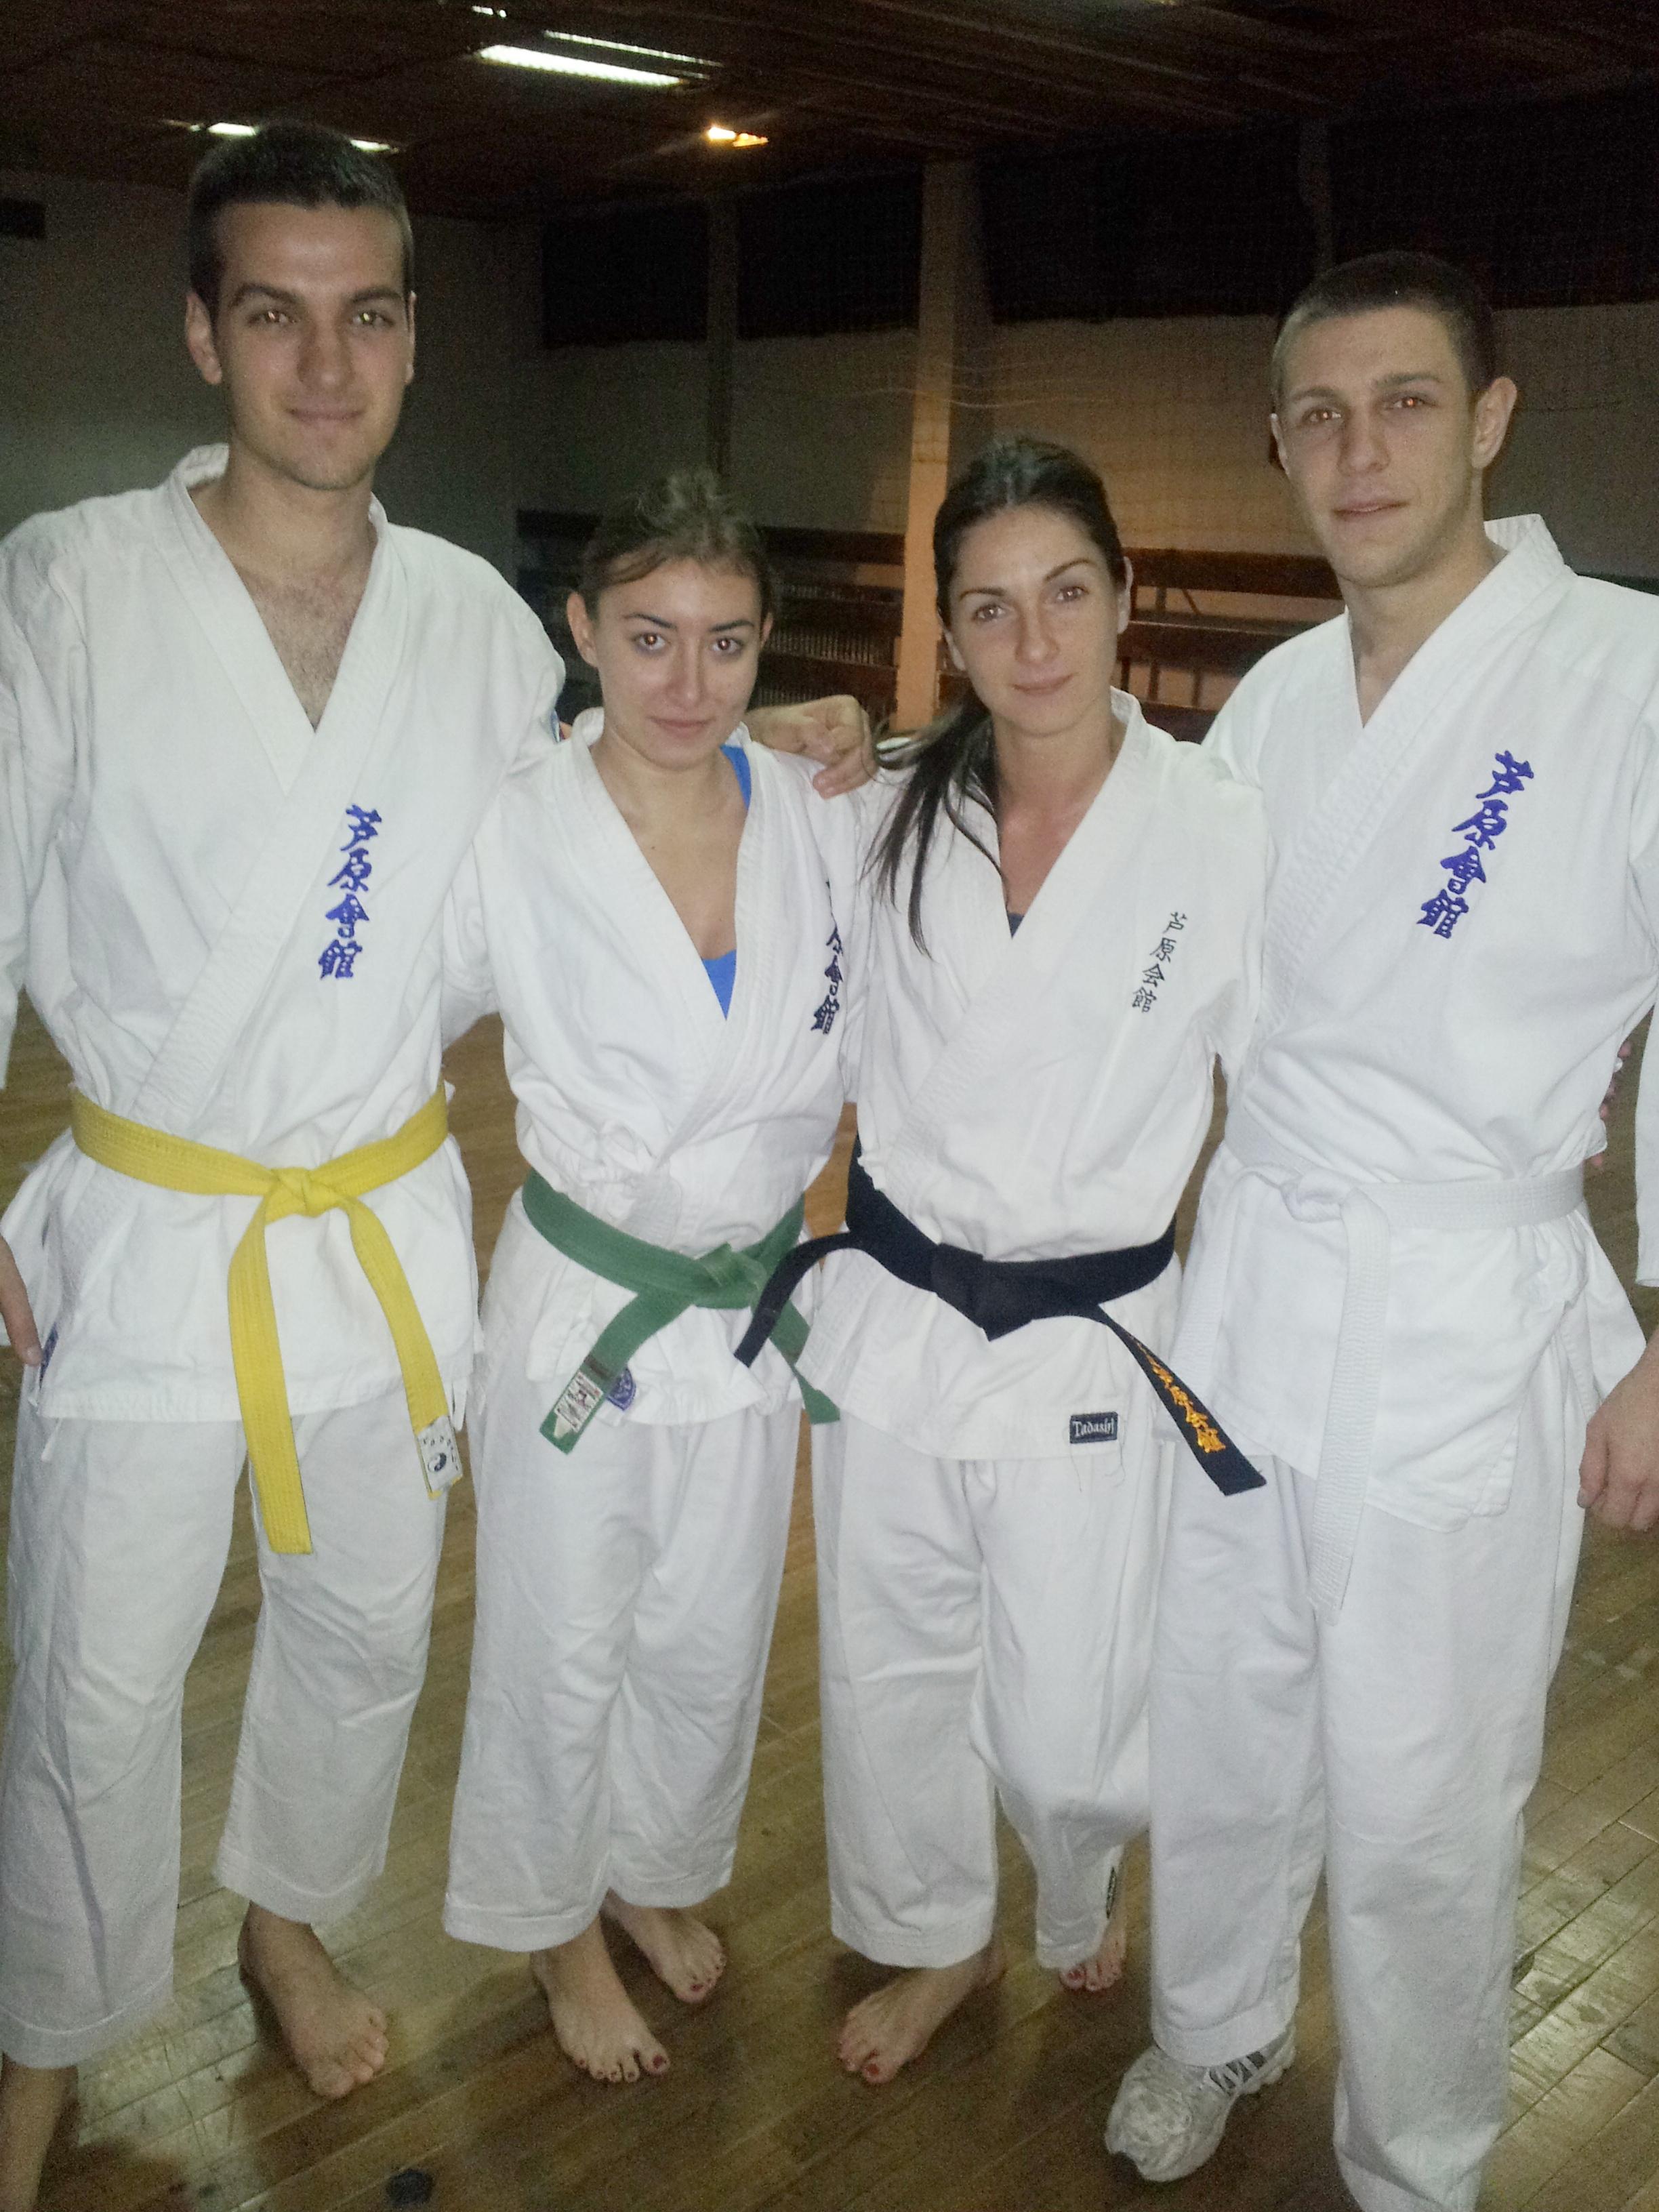 novosti ashihara kaikan savez srbije ashihara karate ashihara za pocetak uros kaca sandra i luka